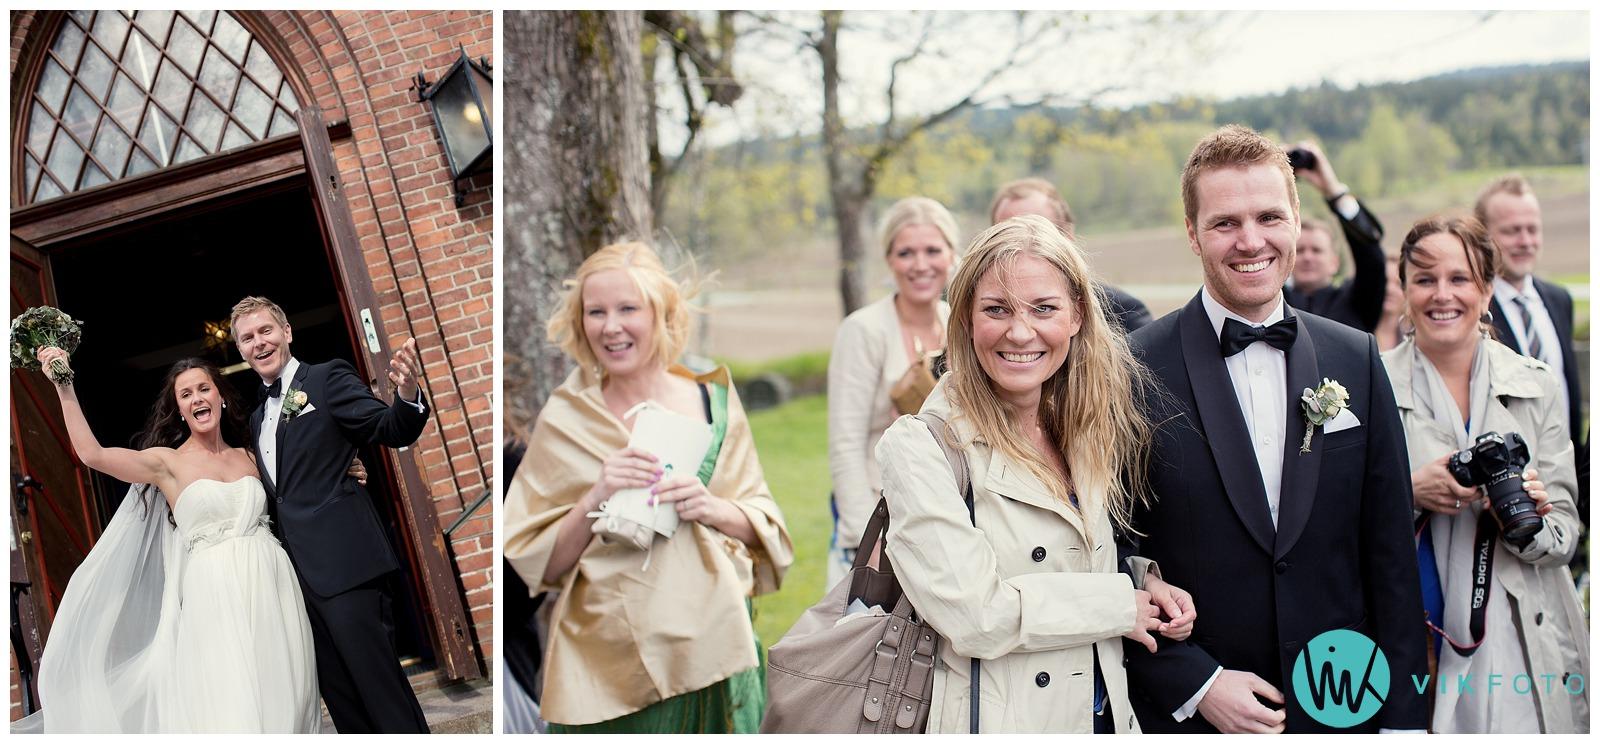 40-bryllupsfotograf-oslo-sorkedalen-kirke.jpg